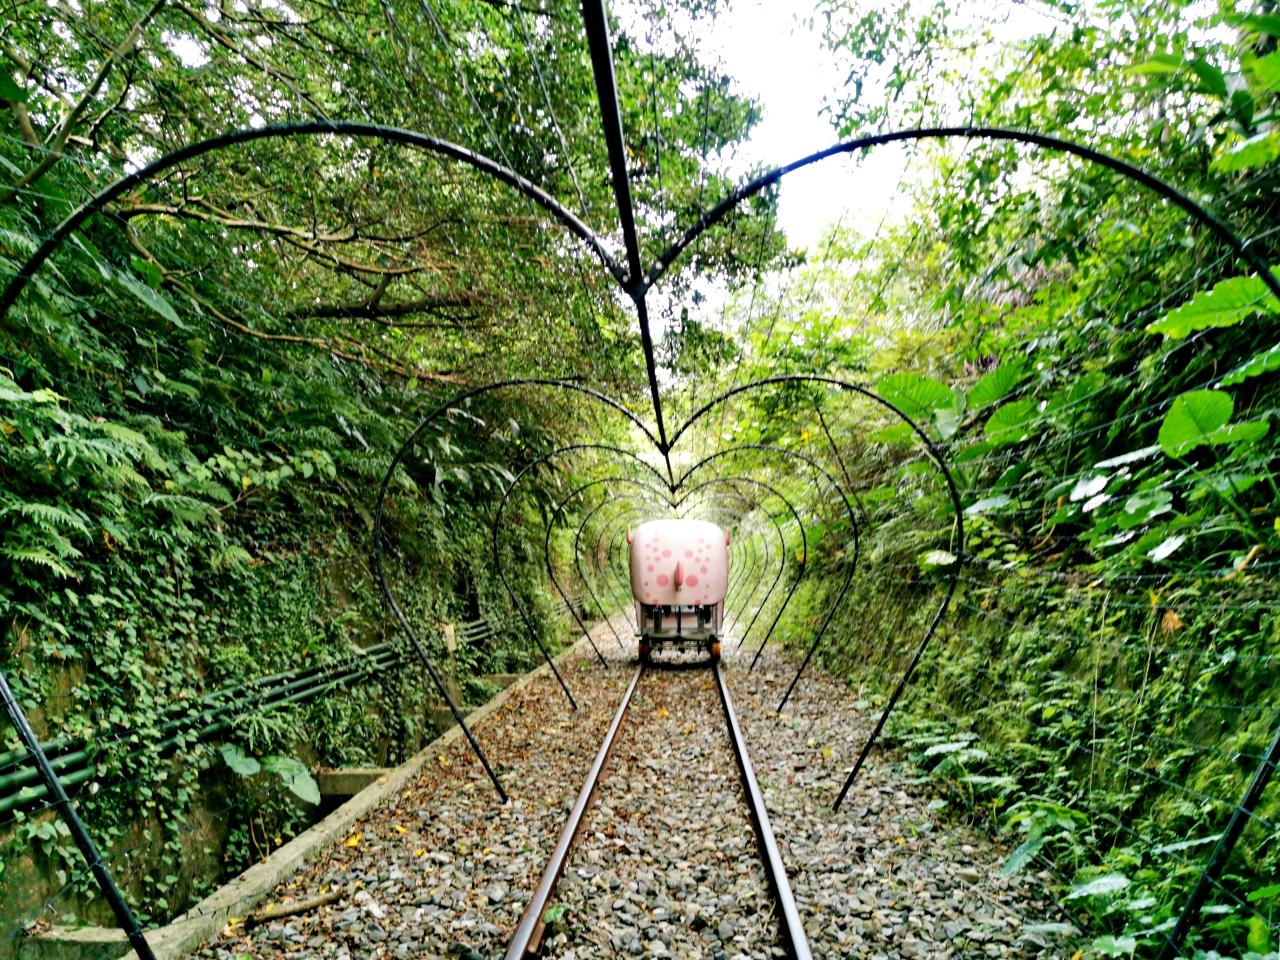 深澳鐵道自行車 Shen′ao Rail Bike,光雕隧道超美還可以遠眺太平洋